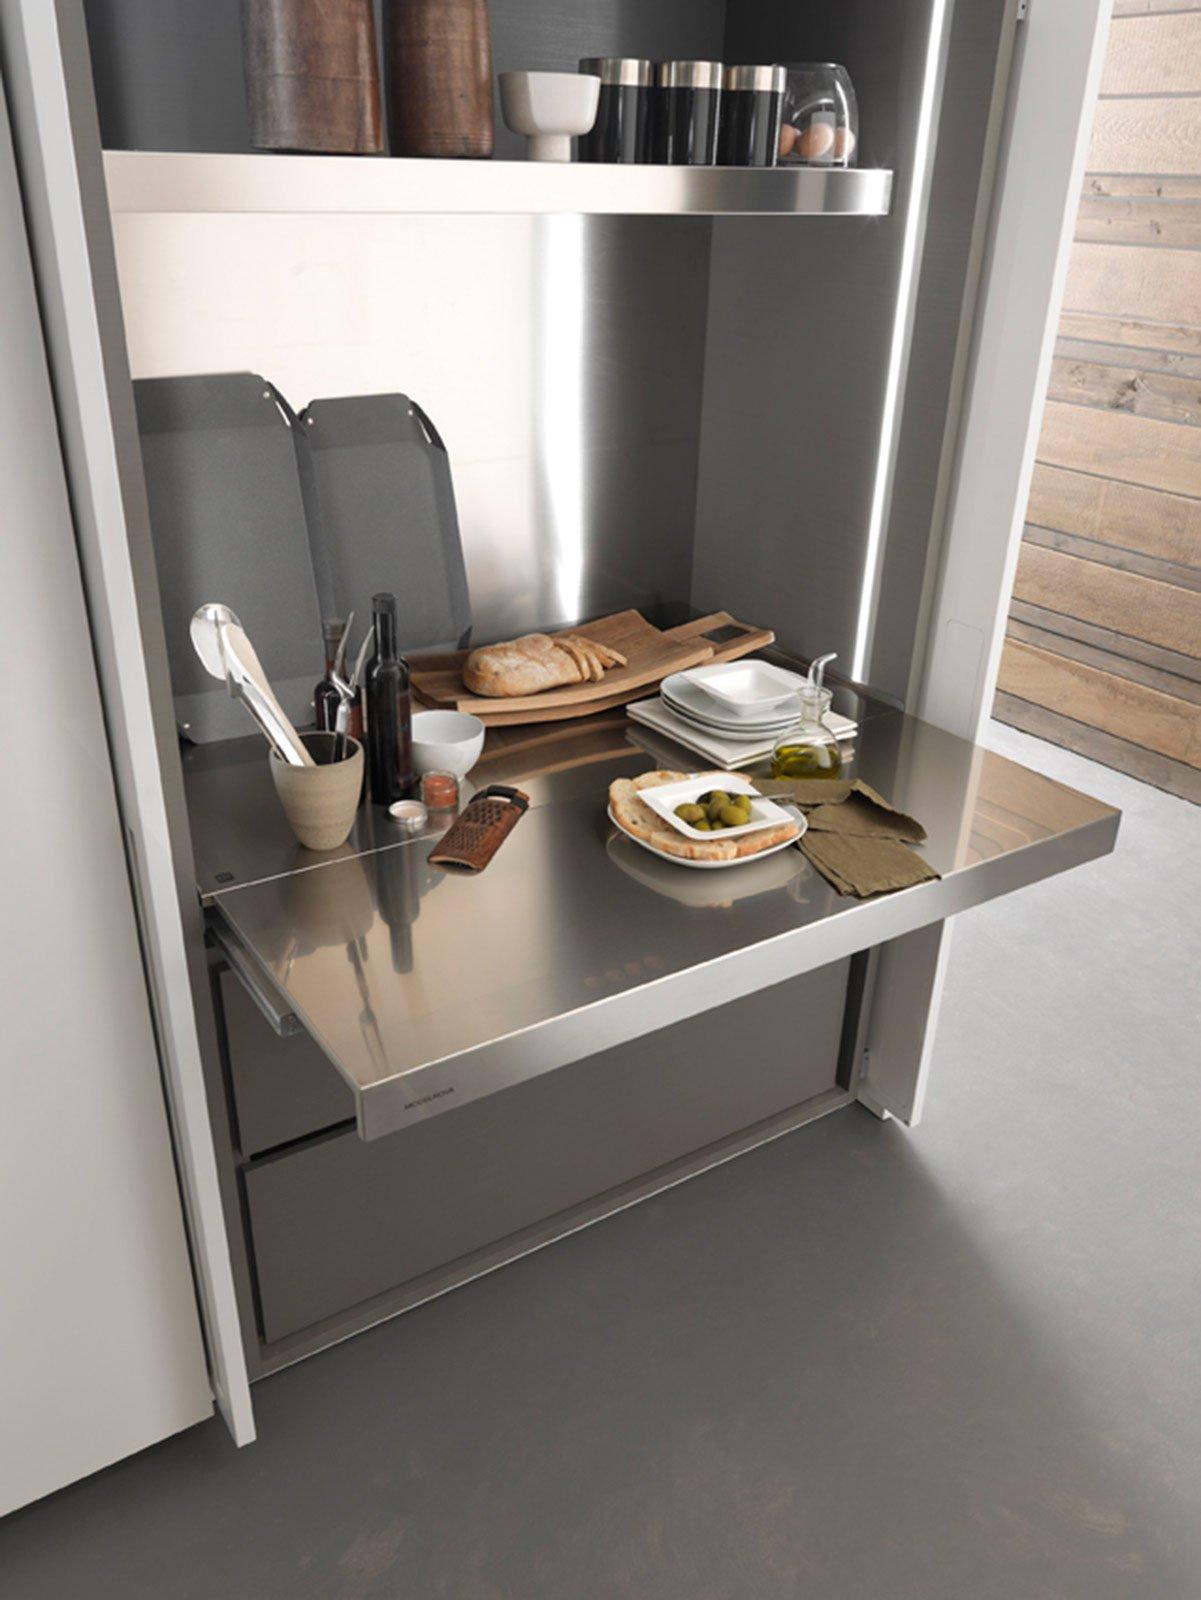 Funzionalit in cucina con le attrezzature giuste  Cose di Casa